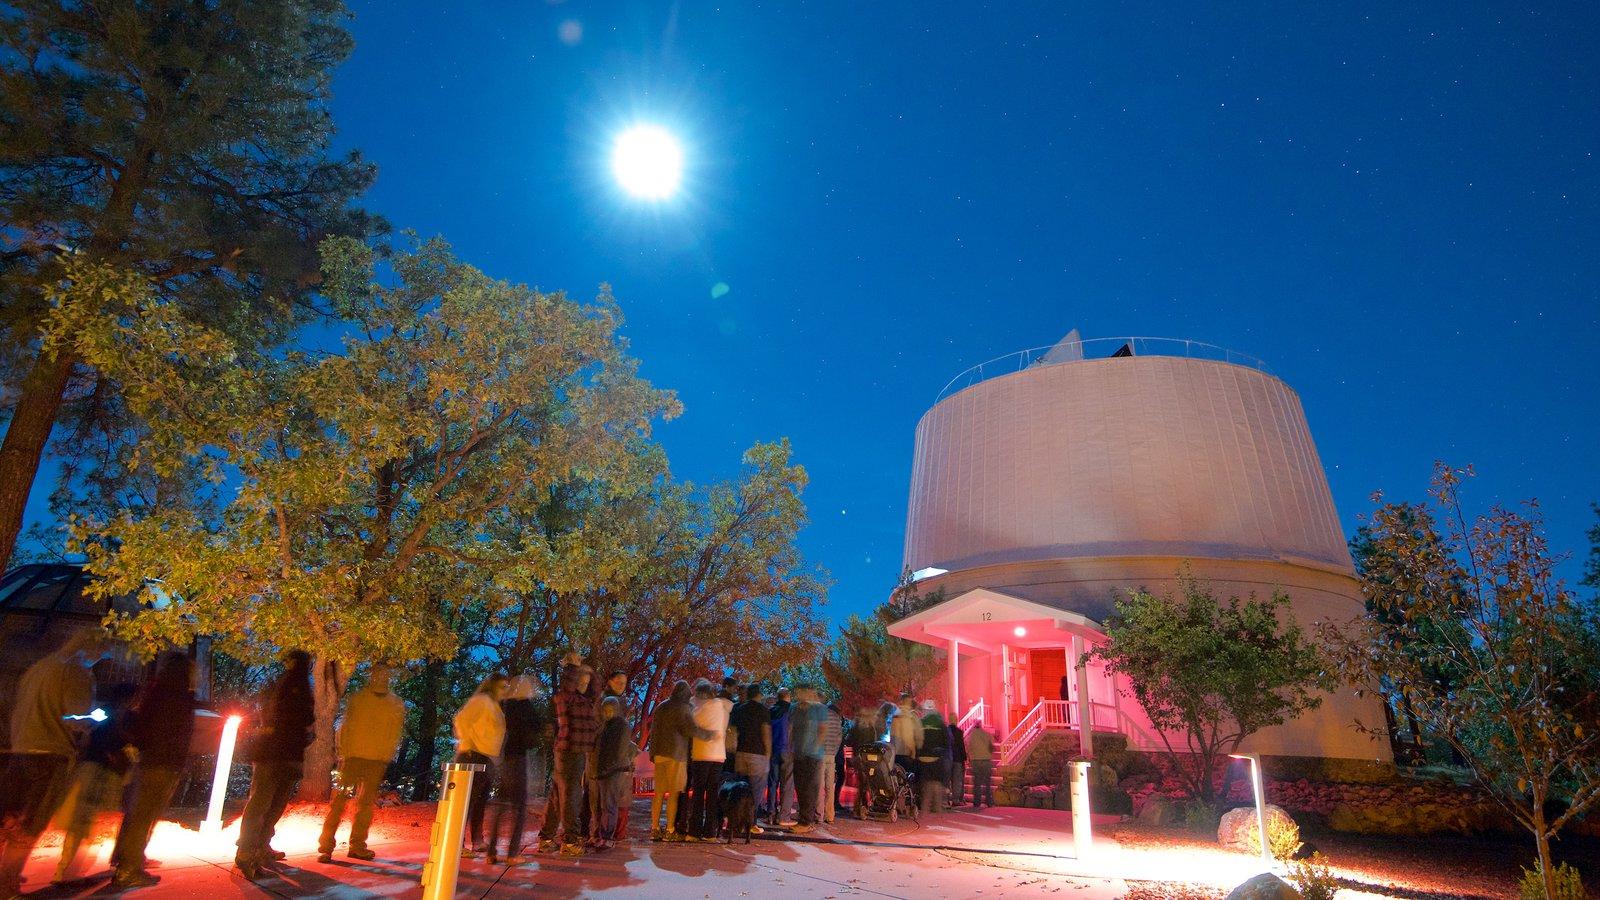 Lowell Observatory que inclui cenas noturnas e um observatório assim como um grande grupo de pessoas